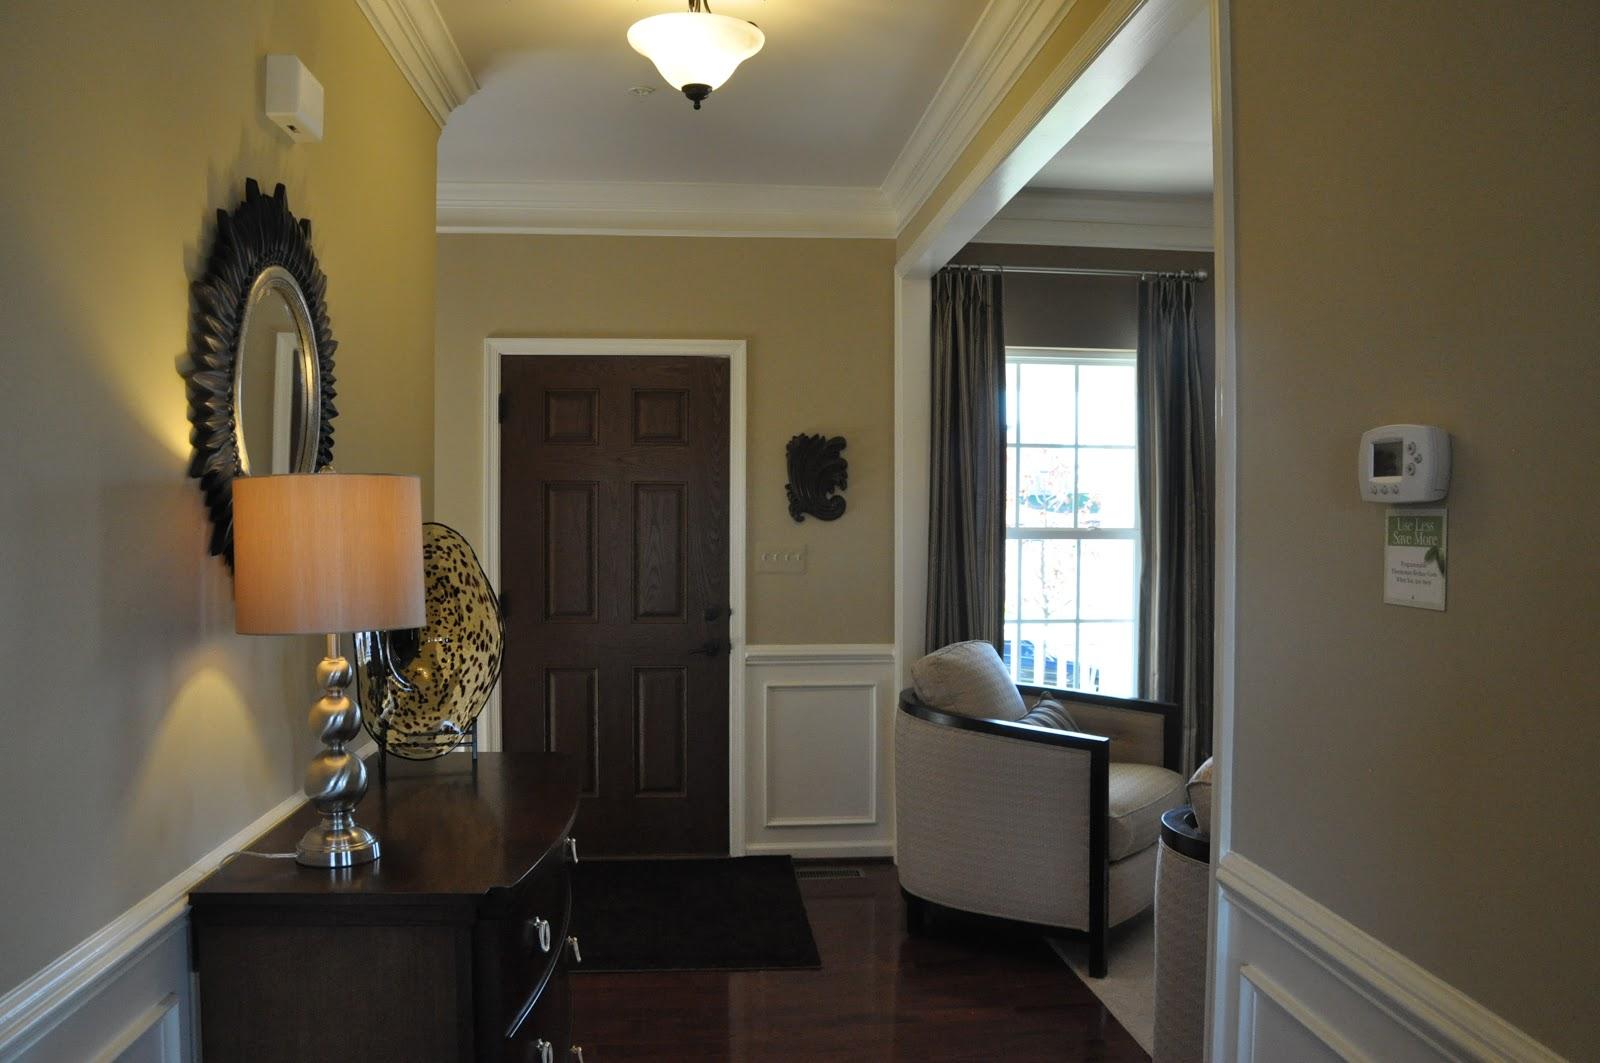 4 Bedroom Upstairs Floor Plan